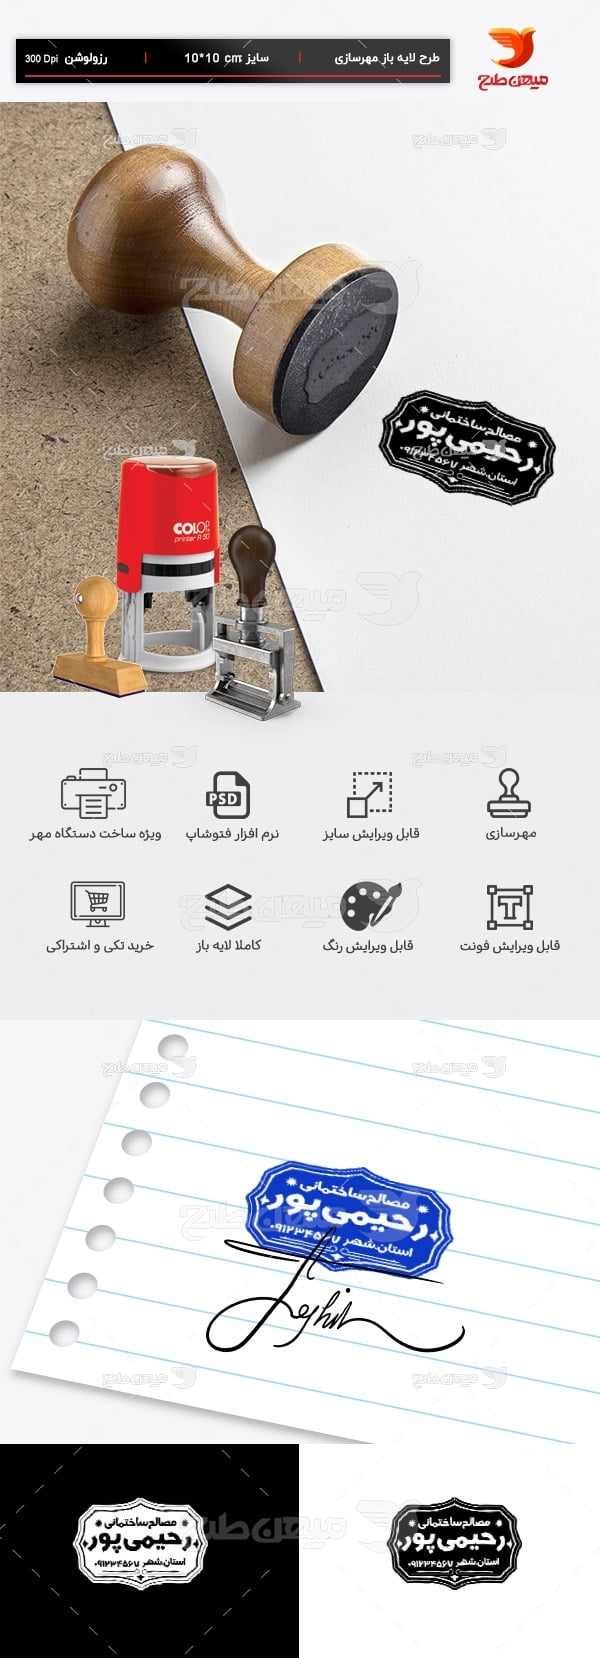 طرح لایه باز مهرسازی مصالح ساختمانی